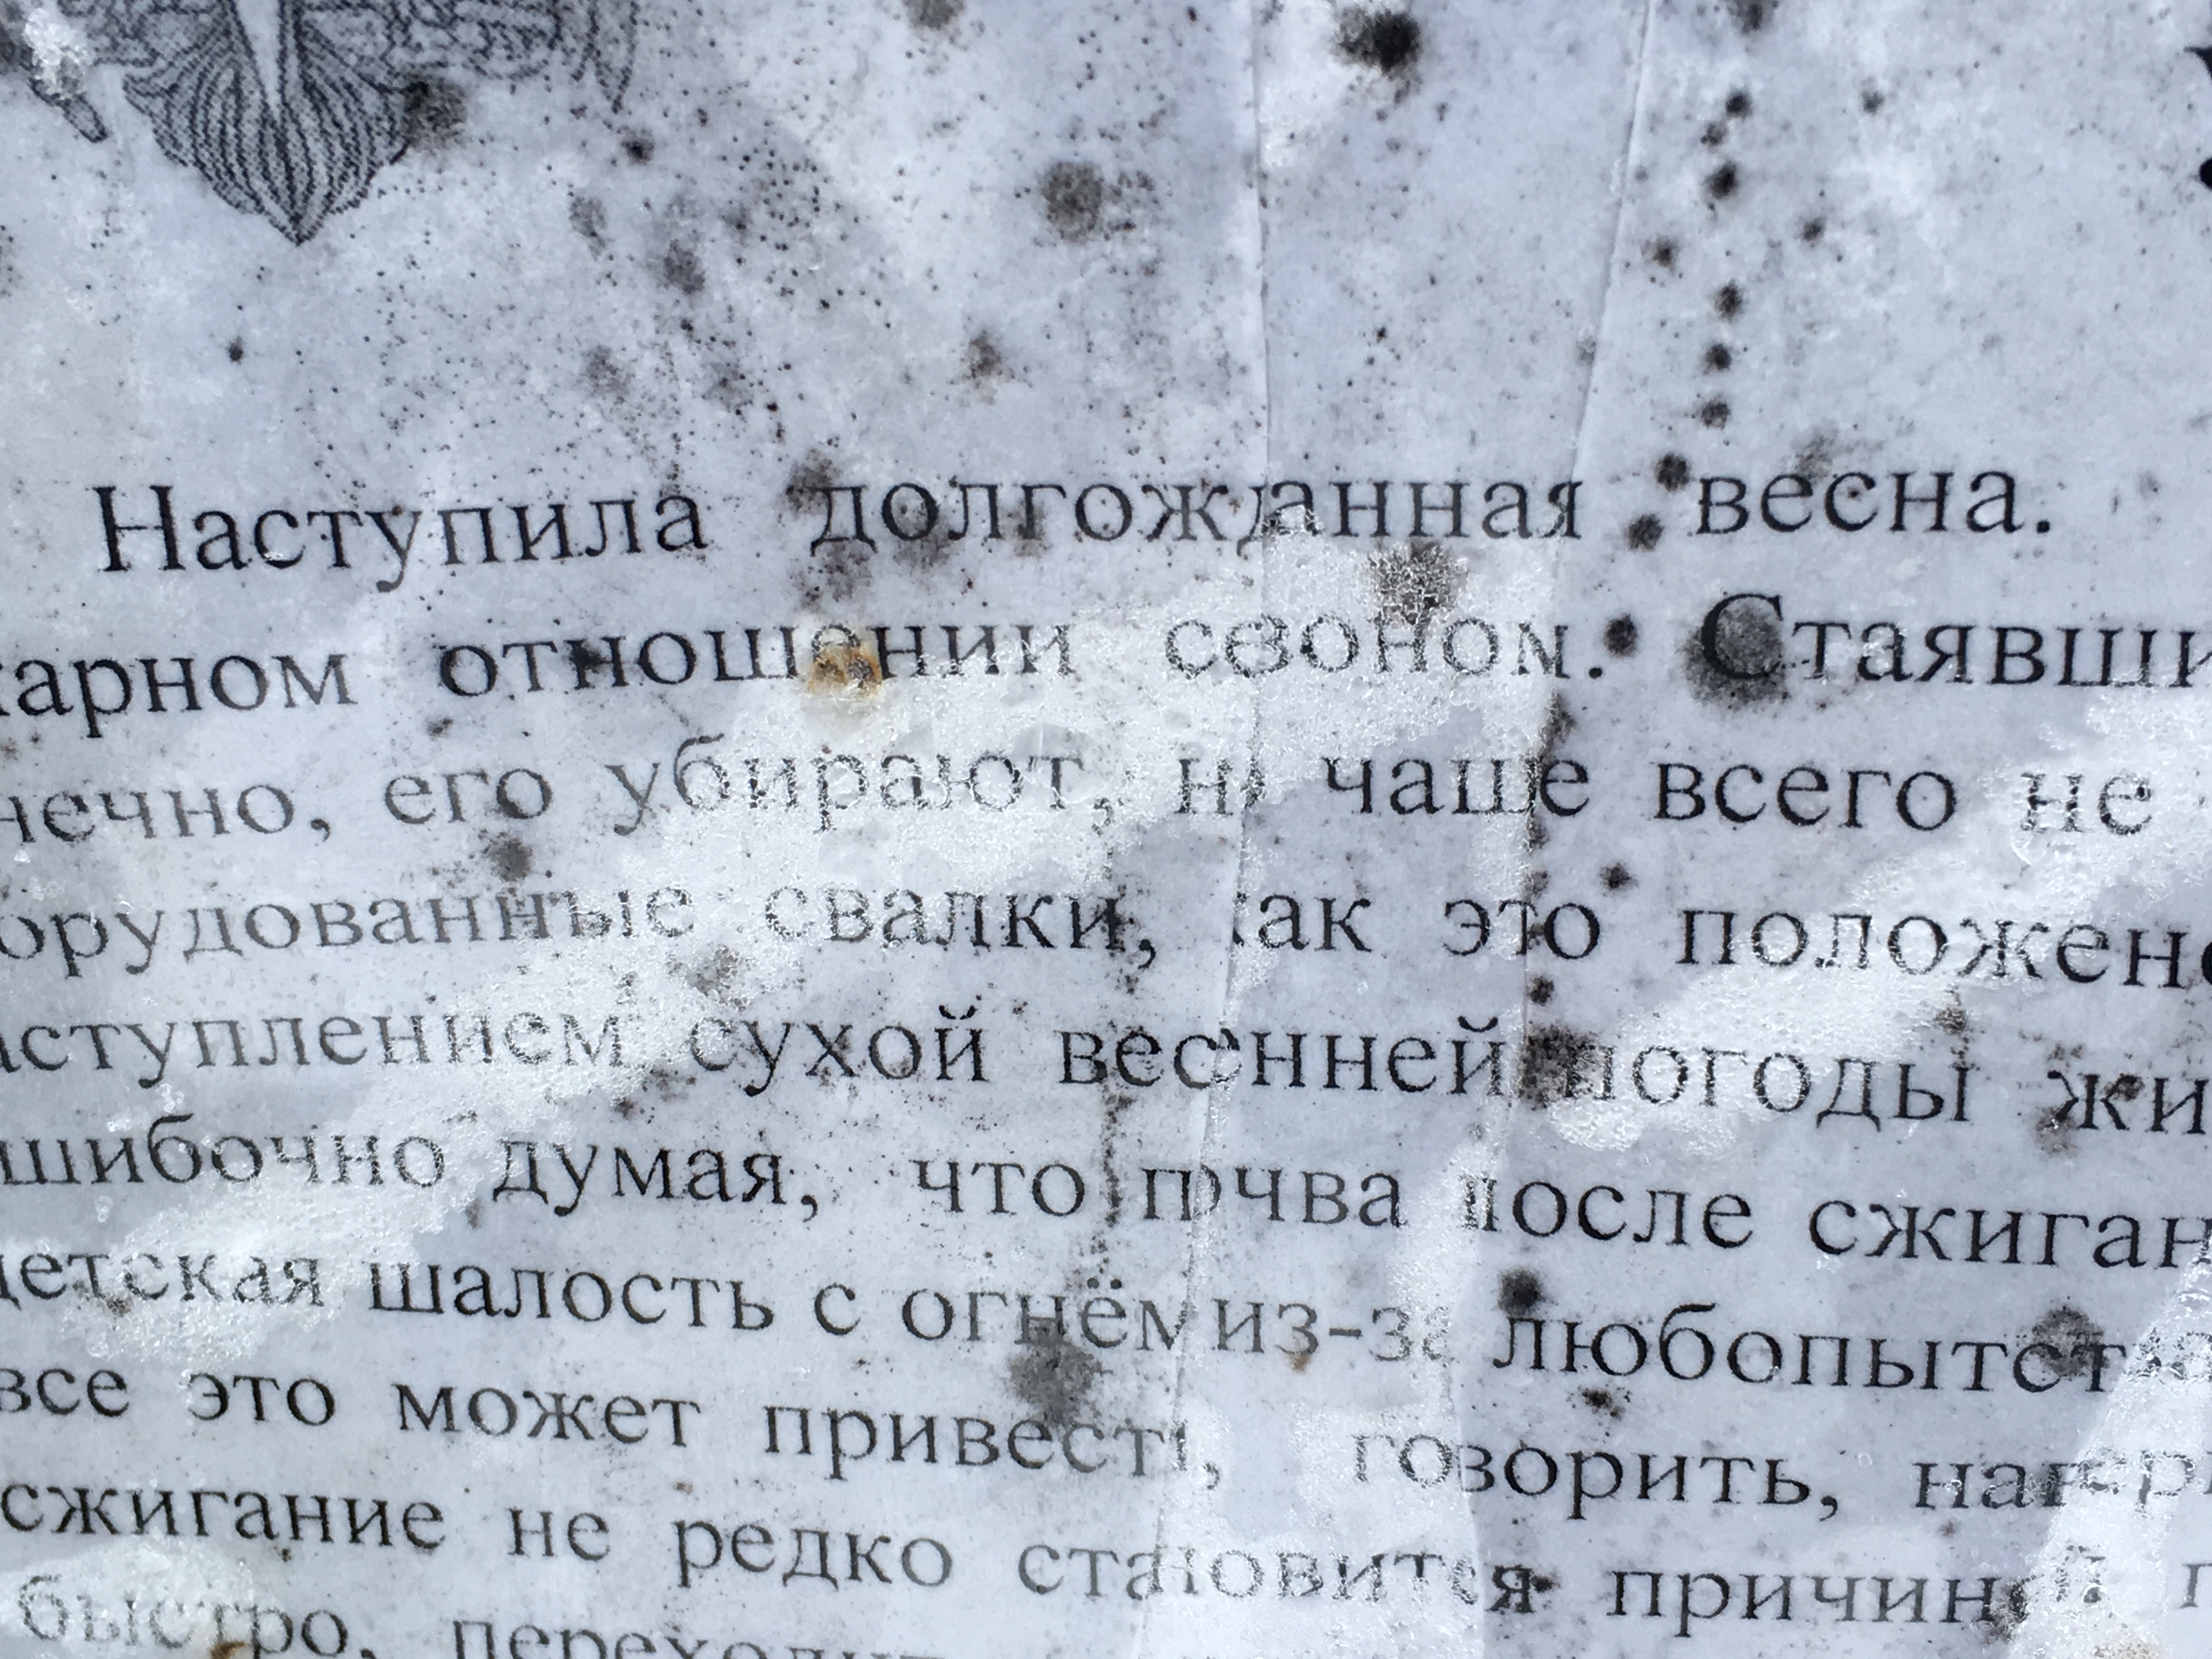 bcea_img_4641